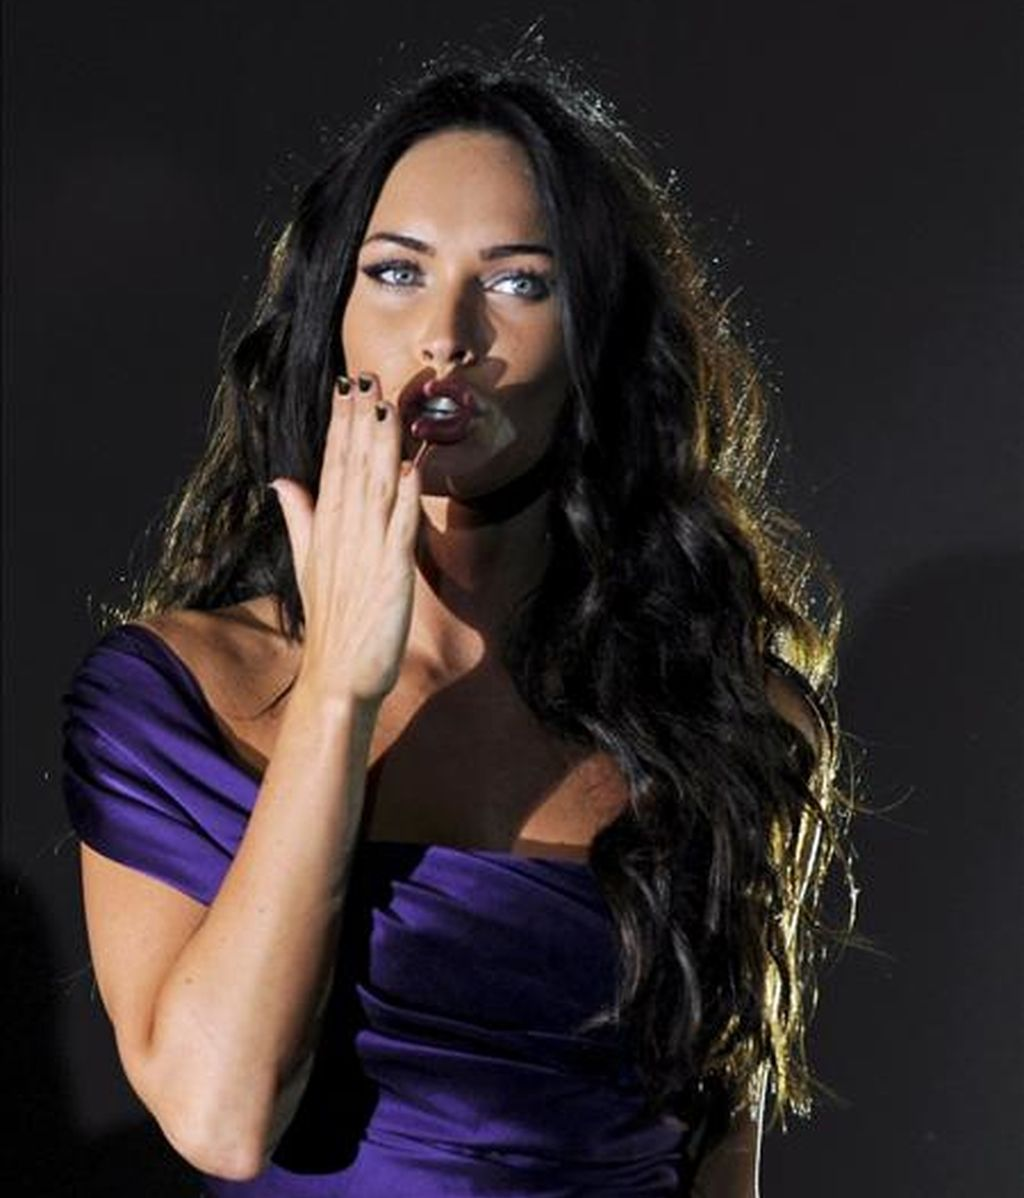 """Megan Fox, que ha sido considerada dos años consecutivos como la mujer más sexy del mundo por los lectores de la revista FHM, dijo que el personaje de Lara Croft """"es un rol que Angelina Jolie ha hecho a la perfección"""". EFE/Archivo"""